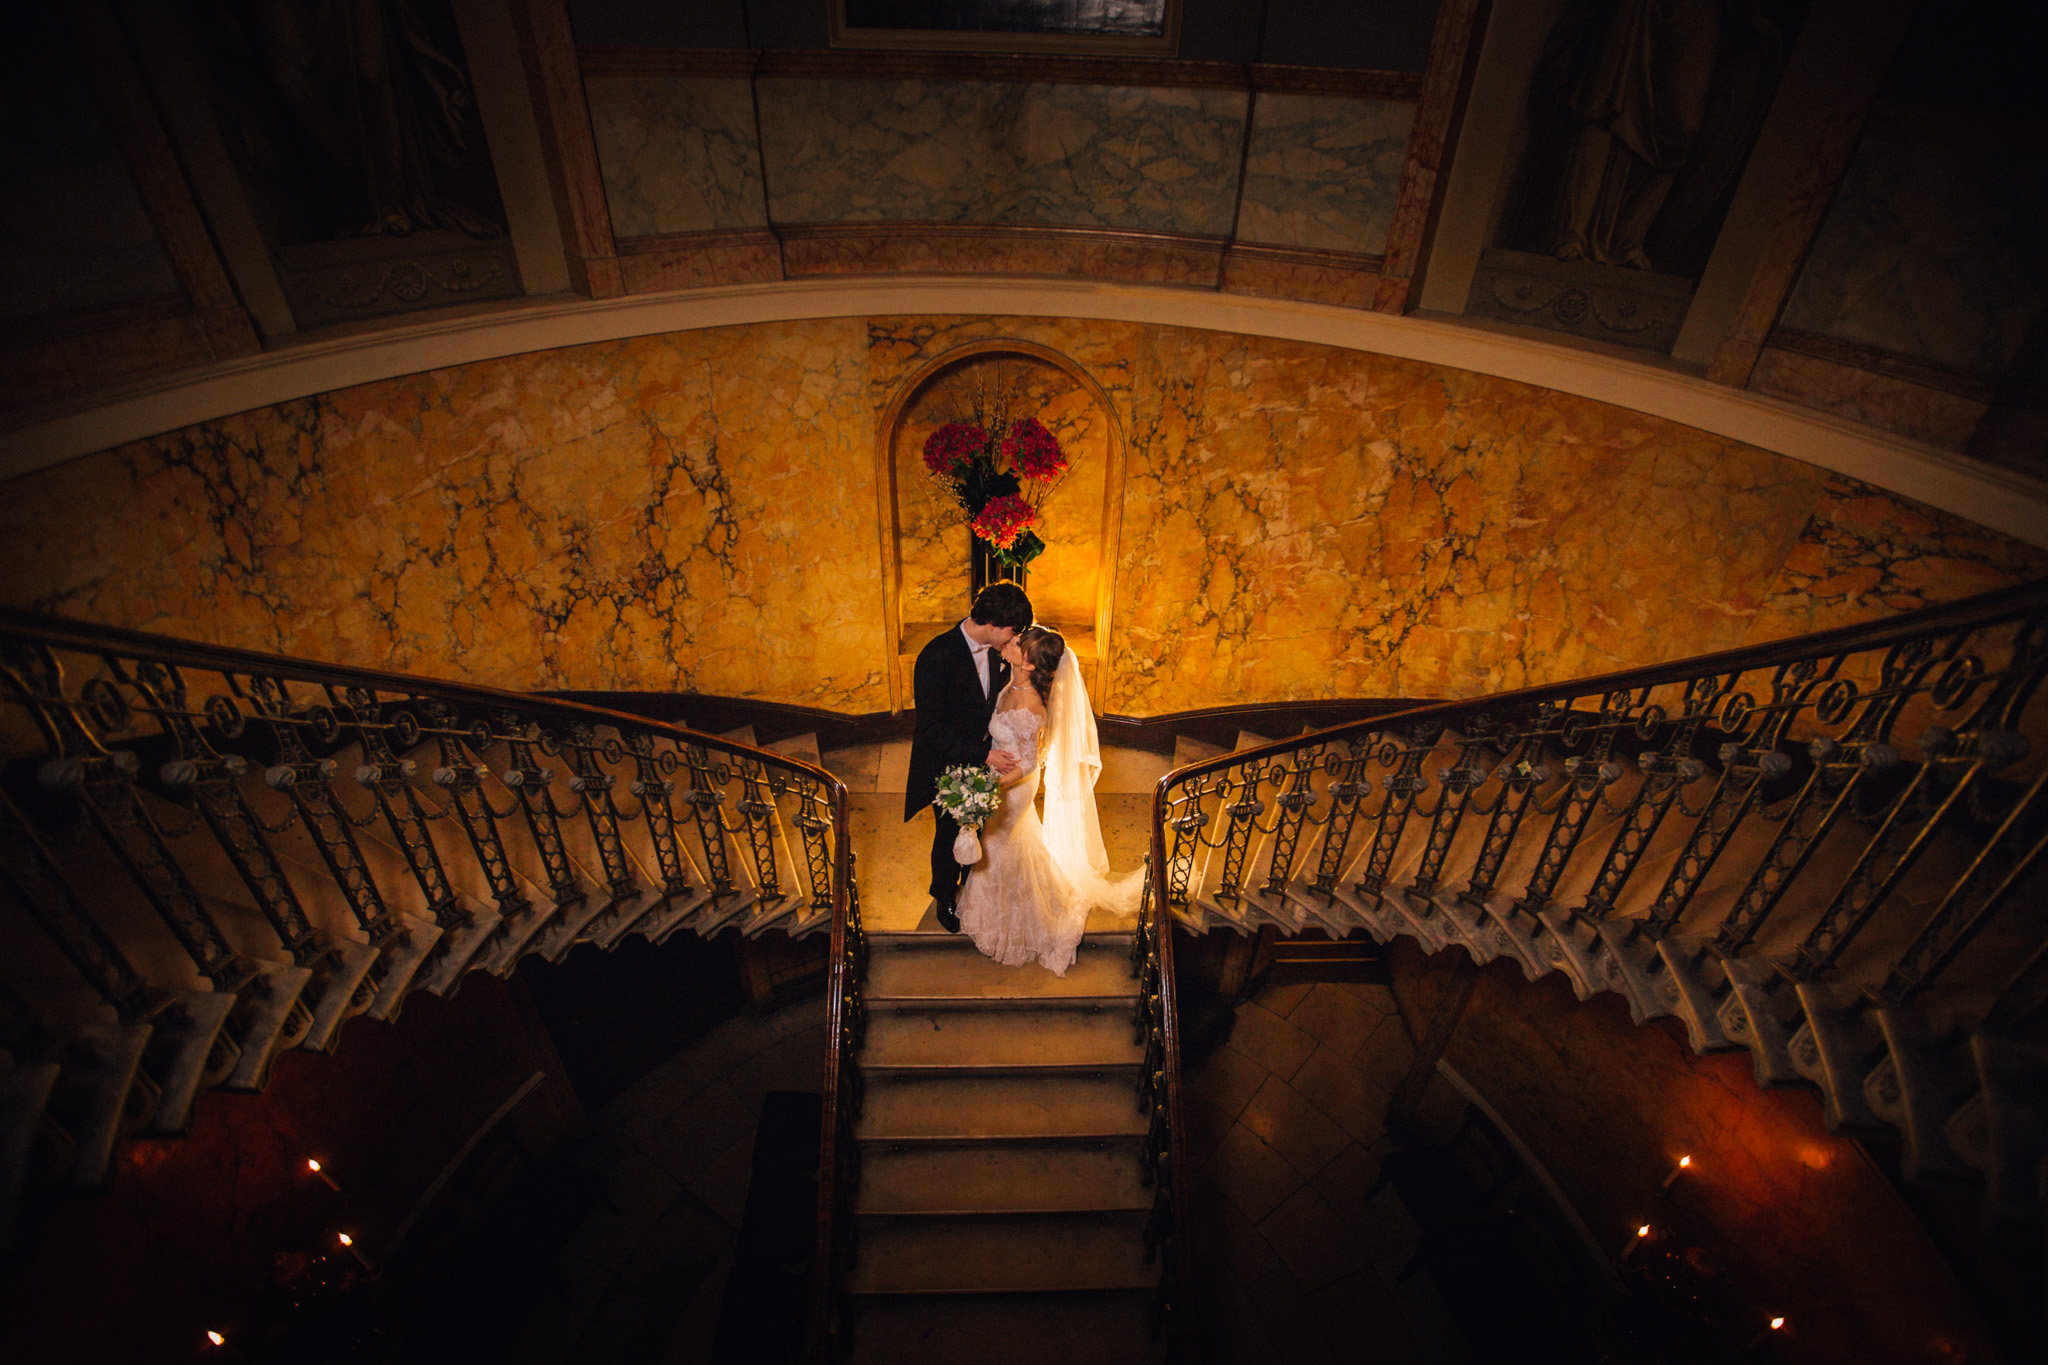 Home house wedding photography [Miruna + Tomas ]